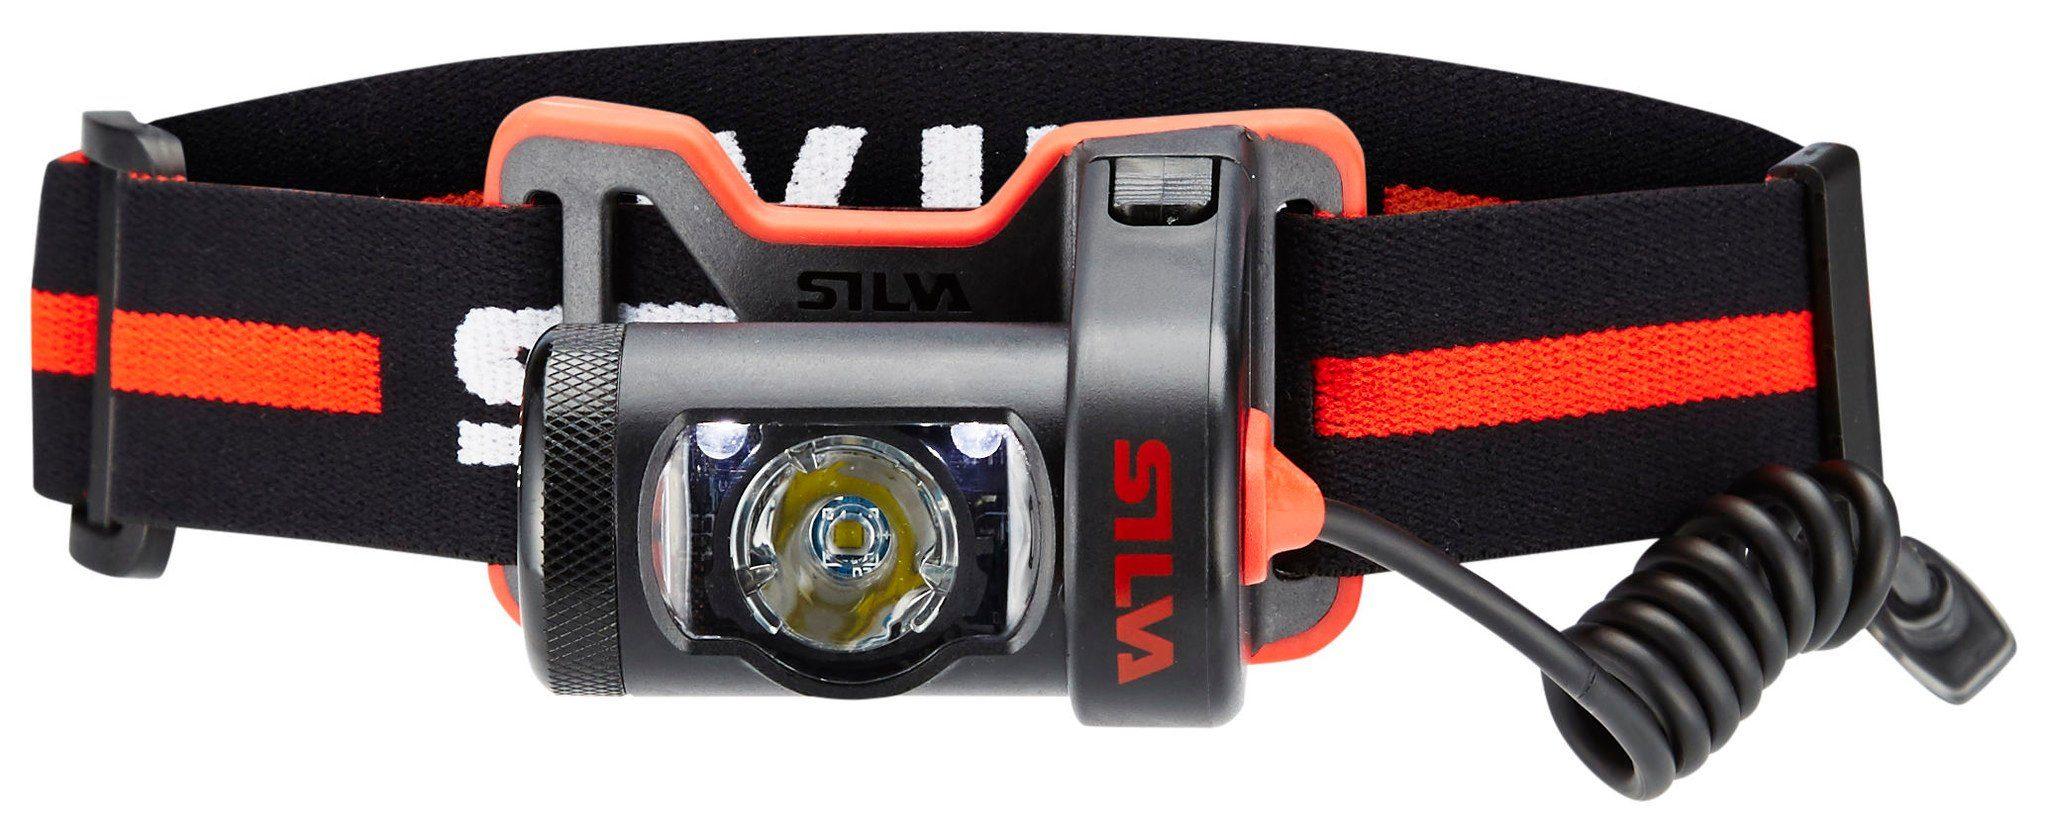 Silva Camping-Beleuchtung »Cross Trail 2X Headlamp«